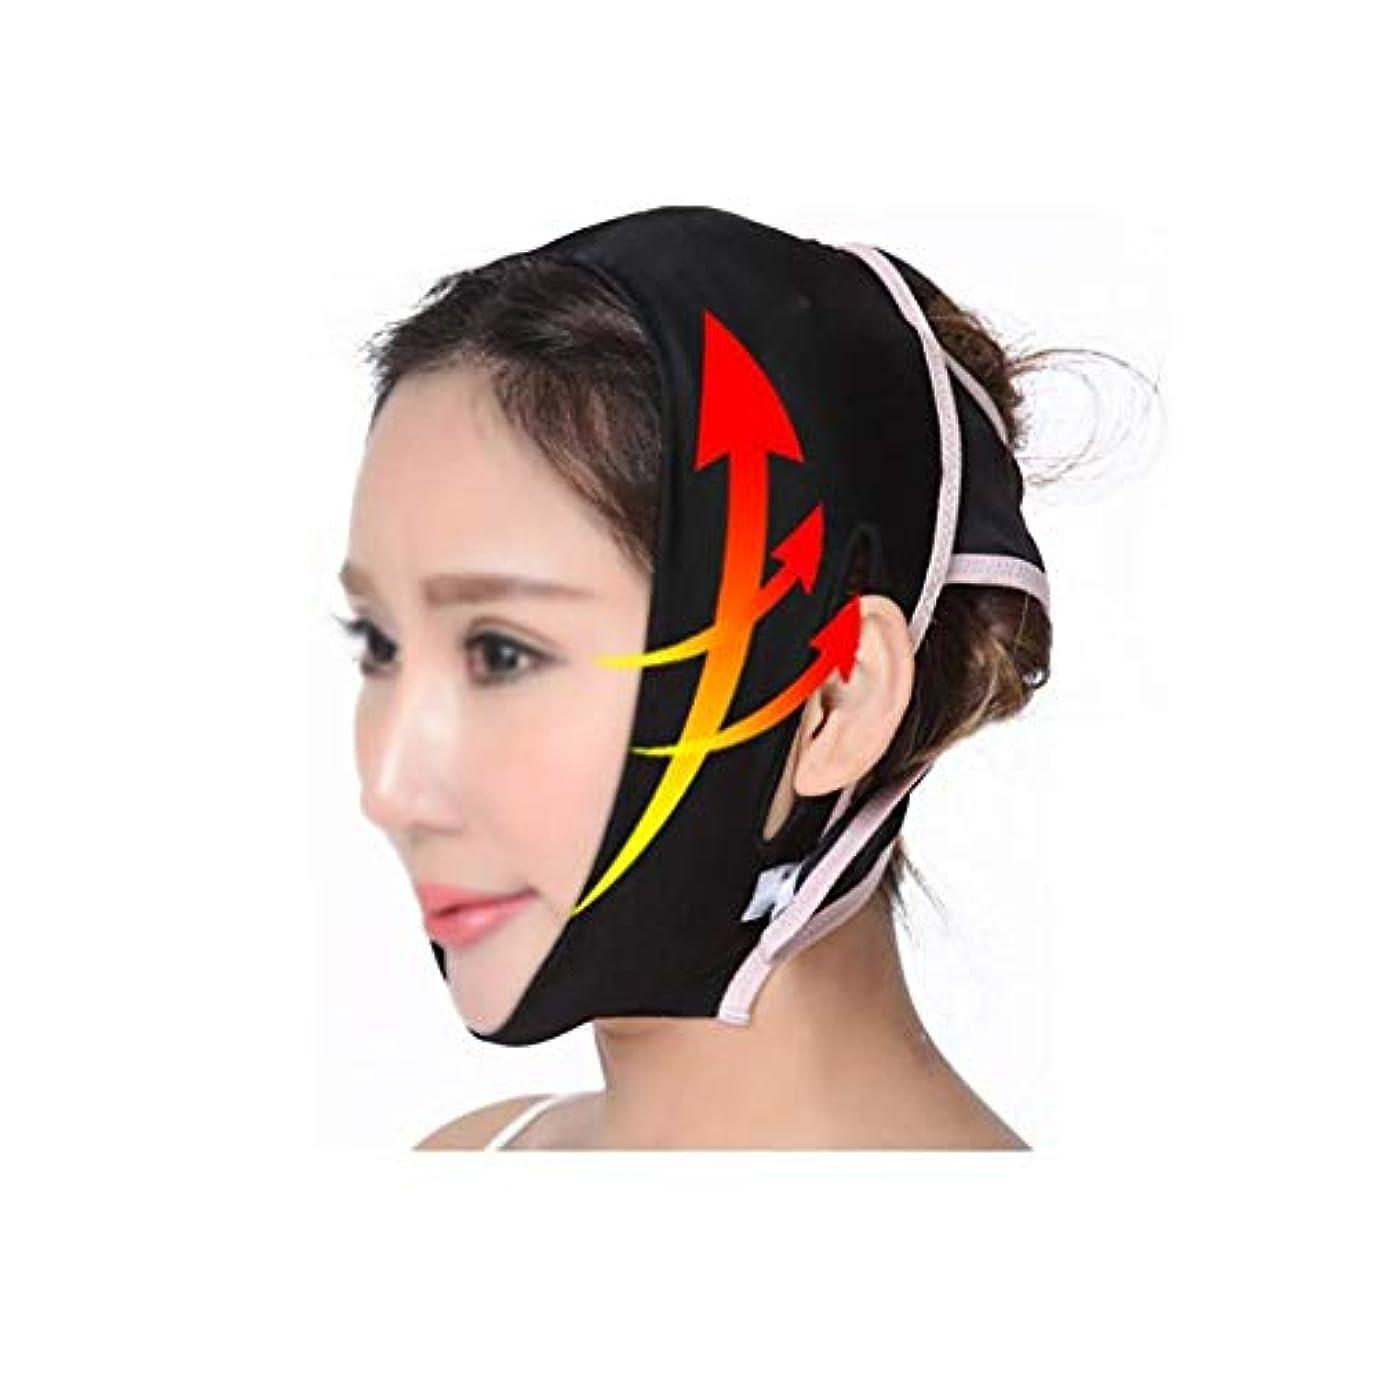 パック豆腐リラックスフェイスリフトマスク、フェイシャルマスク睡眠顔整形顔包帯顔リフティングV顔顔アーティファクト回復通気性ネックストラップ(サイズ:M)